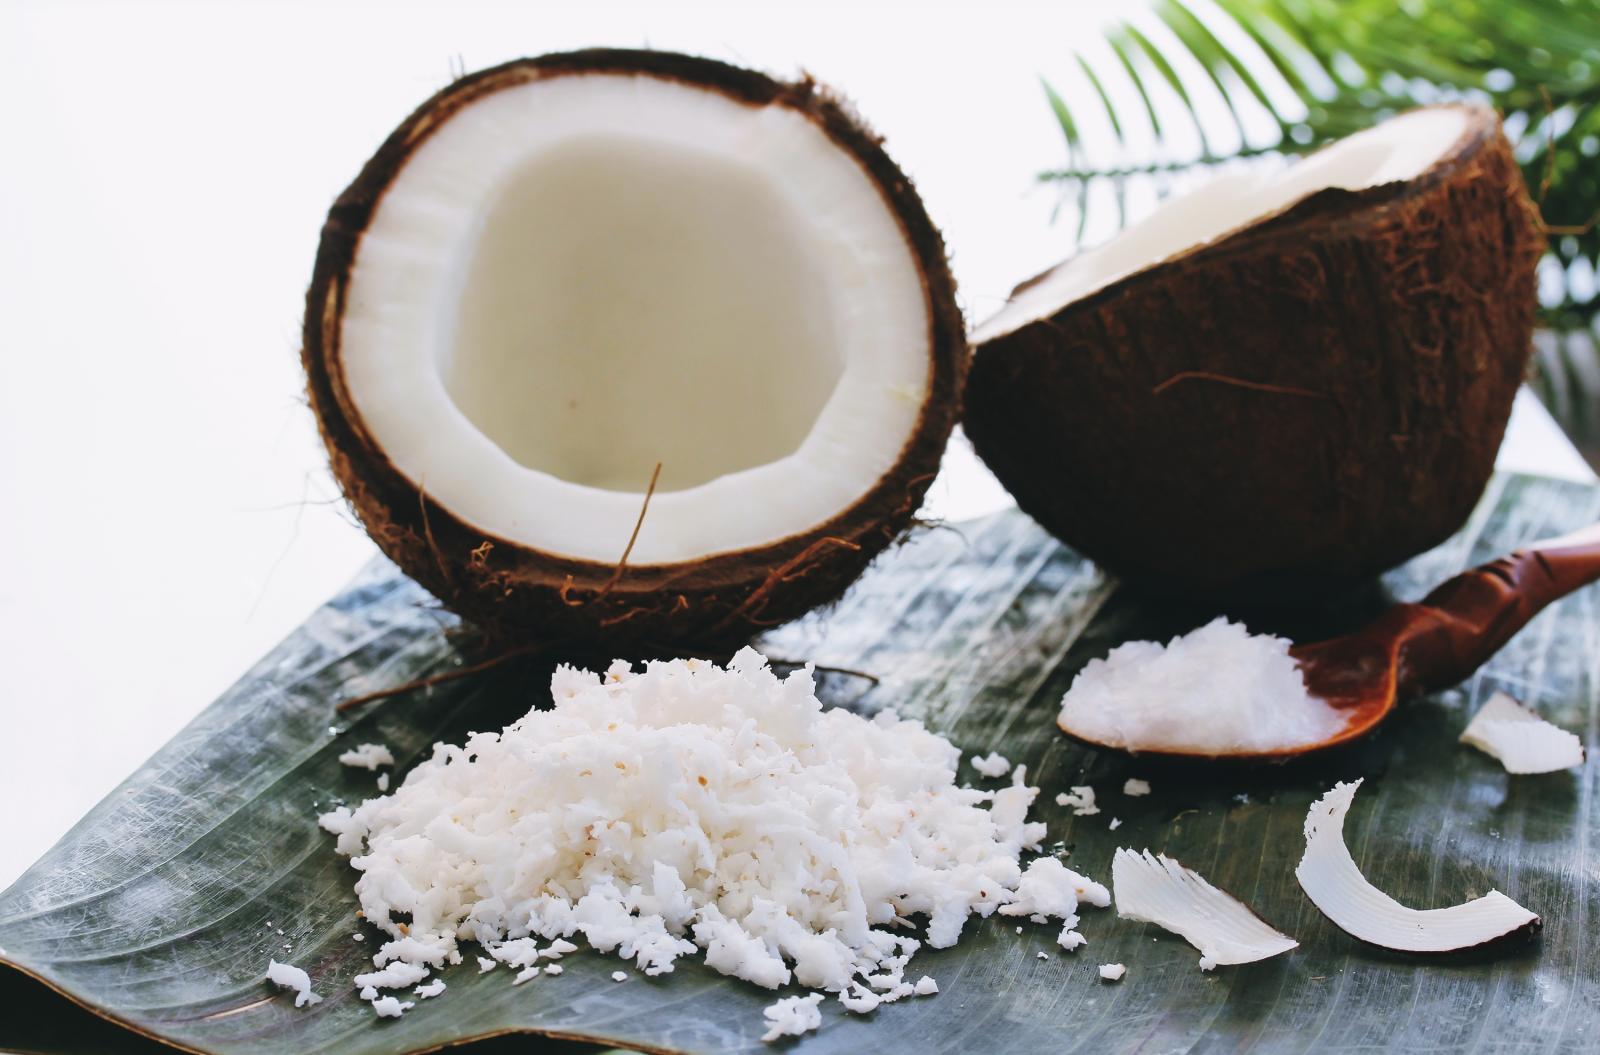 Prvo je kokosovo ulje prepoznato u kozmetičkoj industriji, no danas se sve više s njime i kuha.